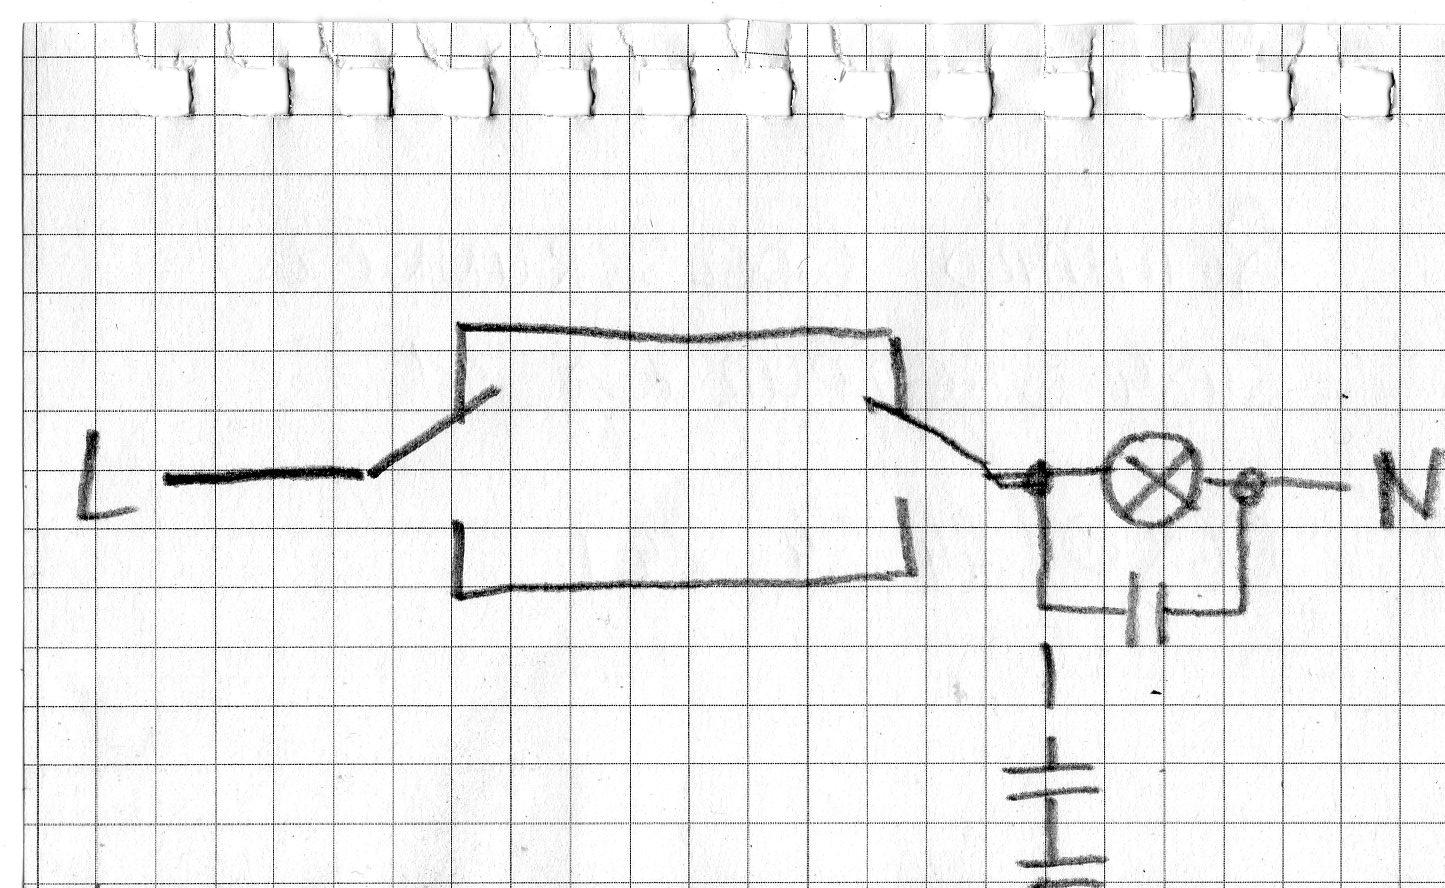 Berühmt Draht Leuchtet Parallel Ideen - Schaltplan Serie Circuit ...